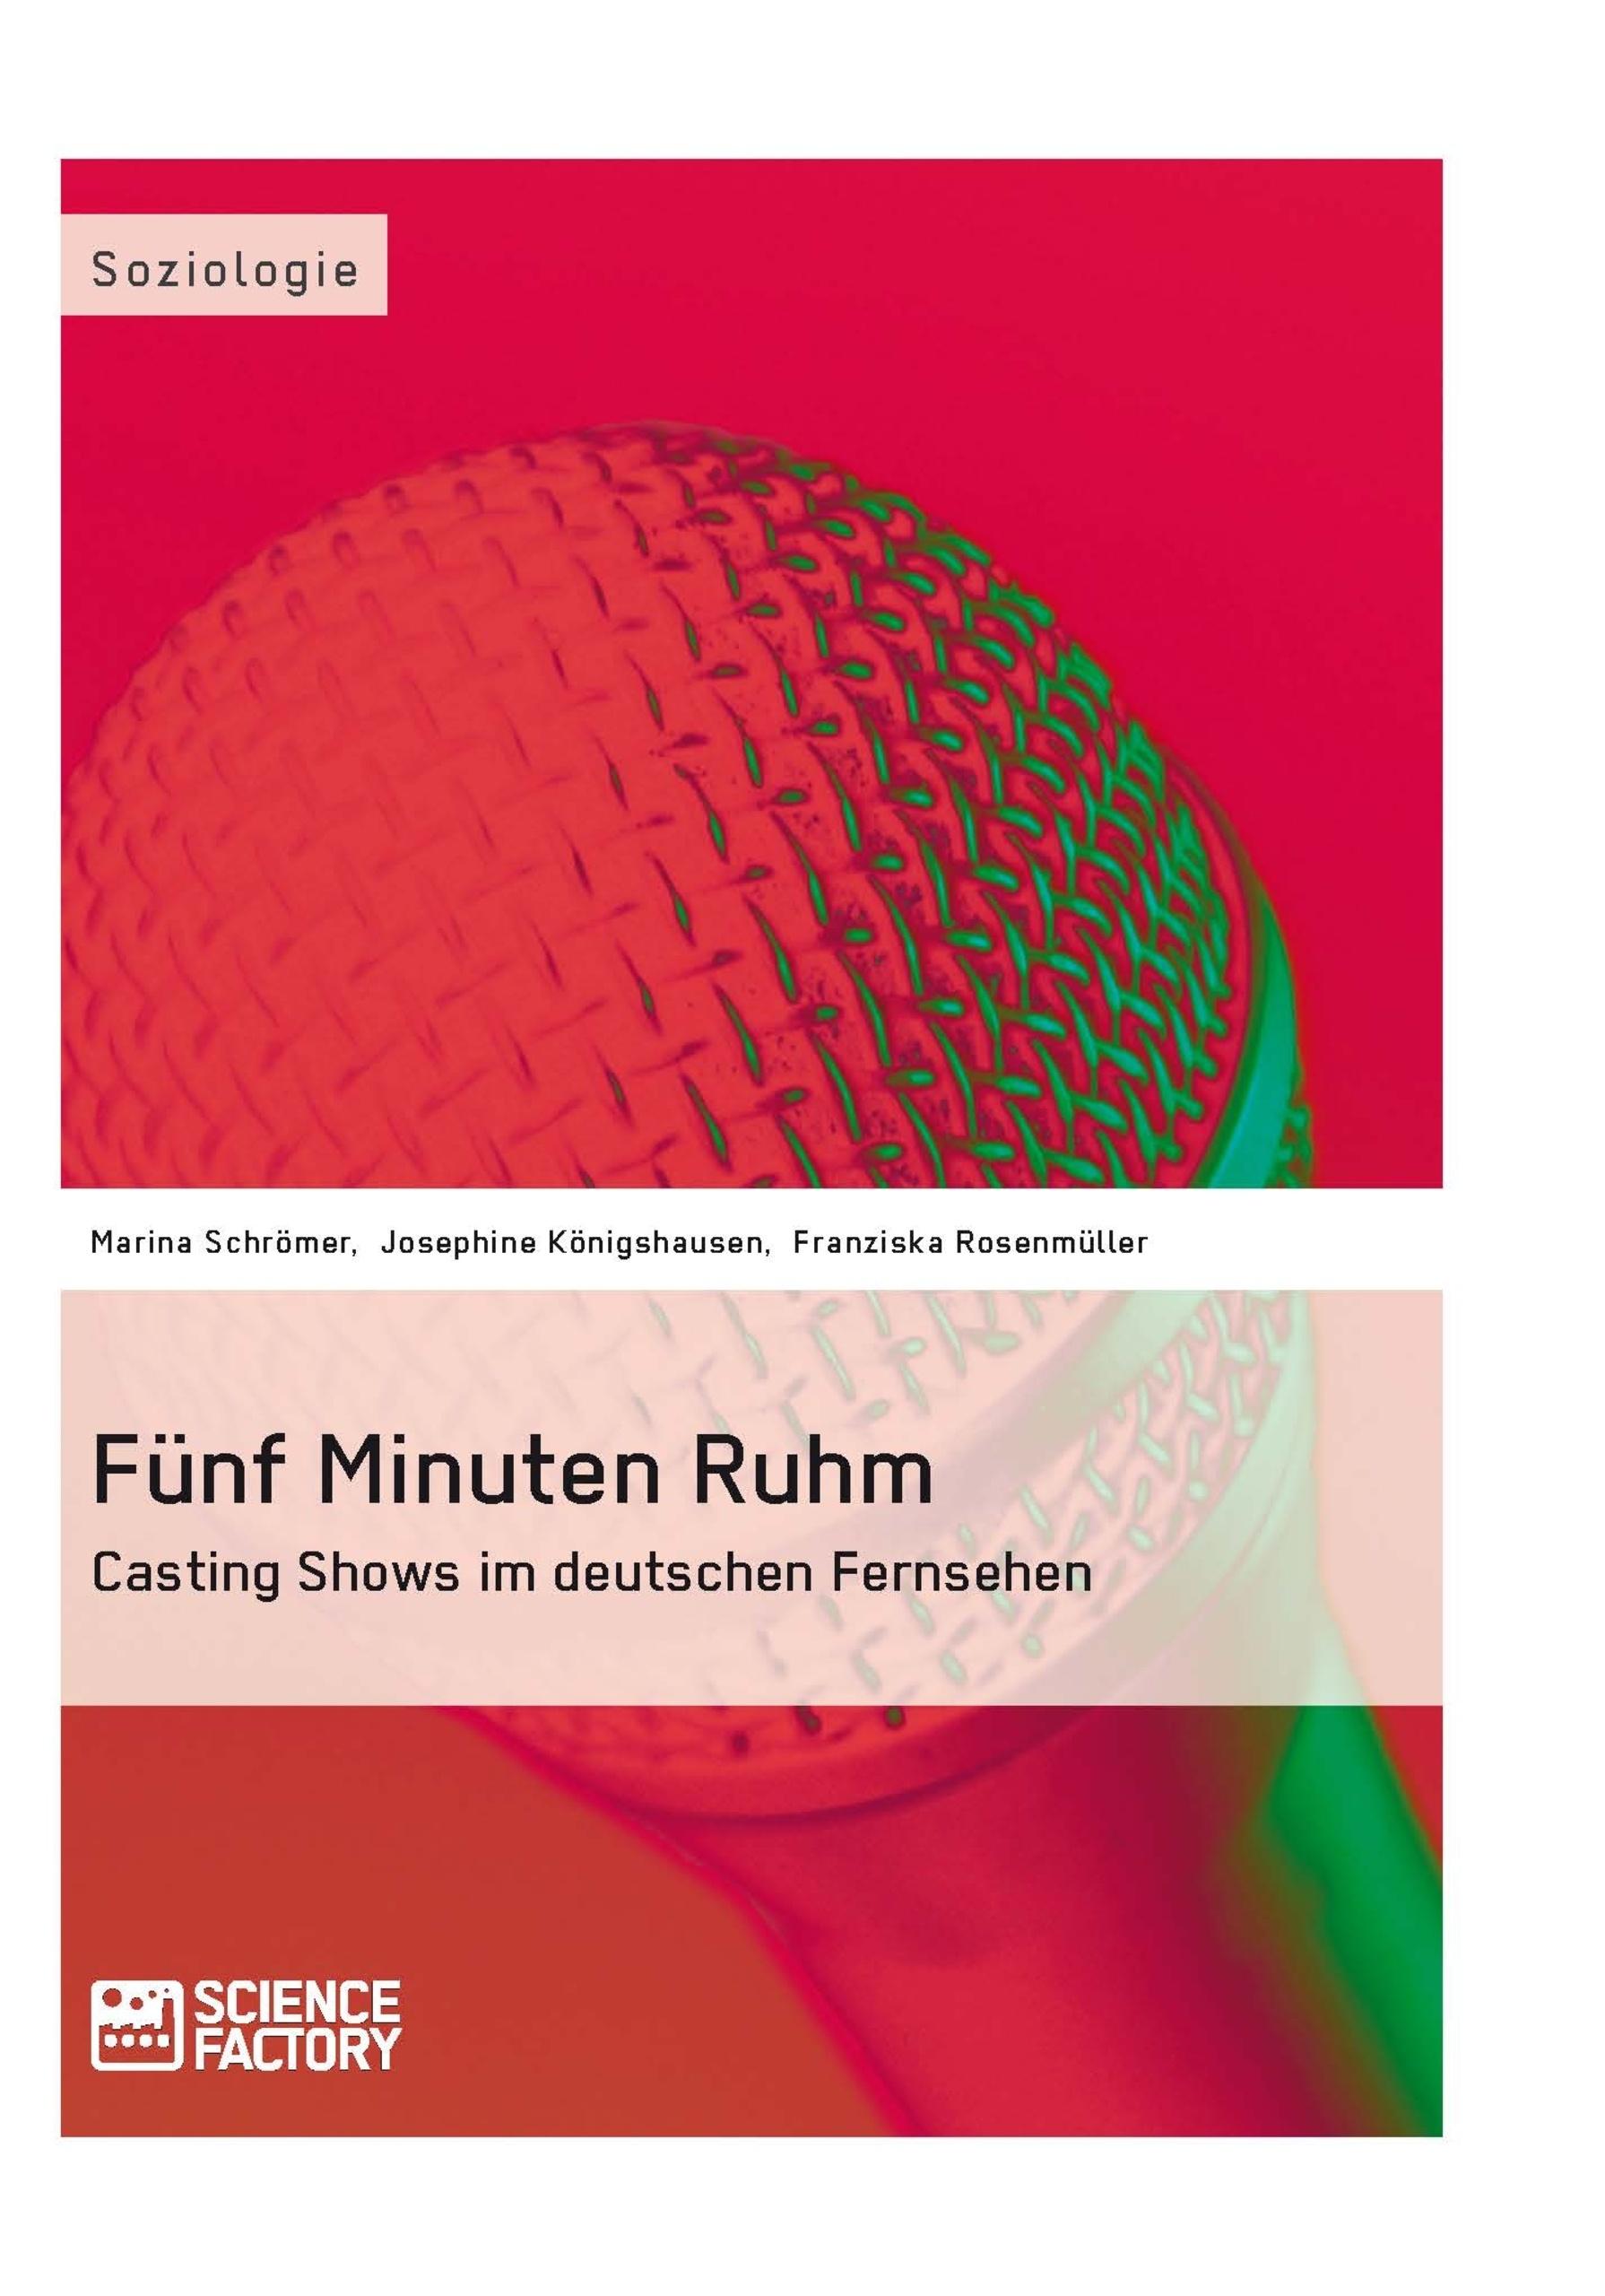 Titel: Fünf Minuten Ruhm. Casting Shows im deutschen Fernsehen